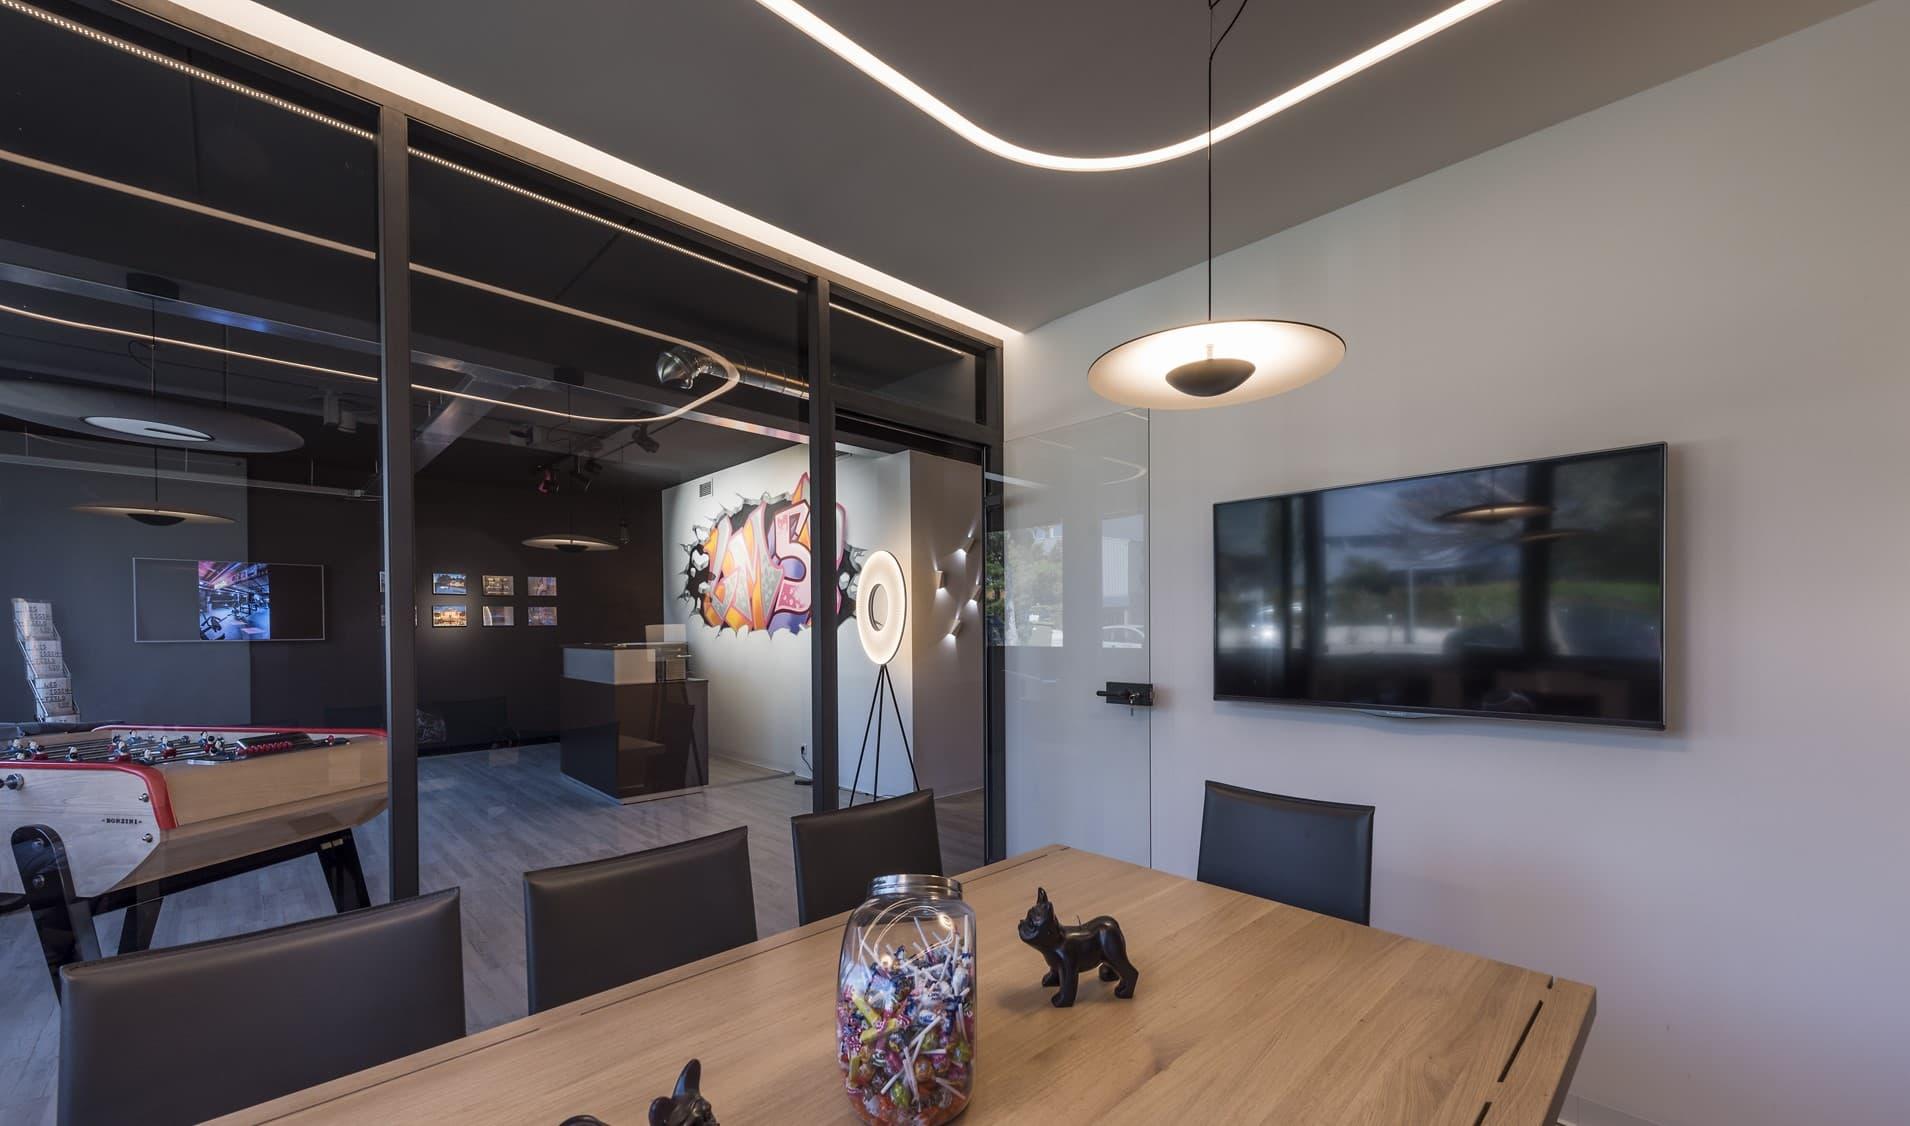 Salle de réunion et focus sur la suspension et couloir lumineux de la bergerie de LM5P - Le Mouton à 5 Pattes